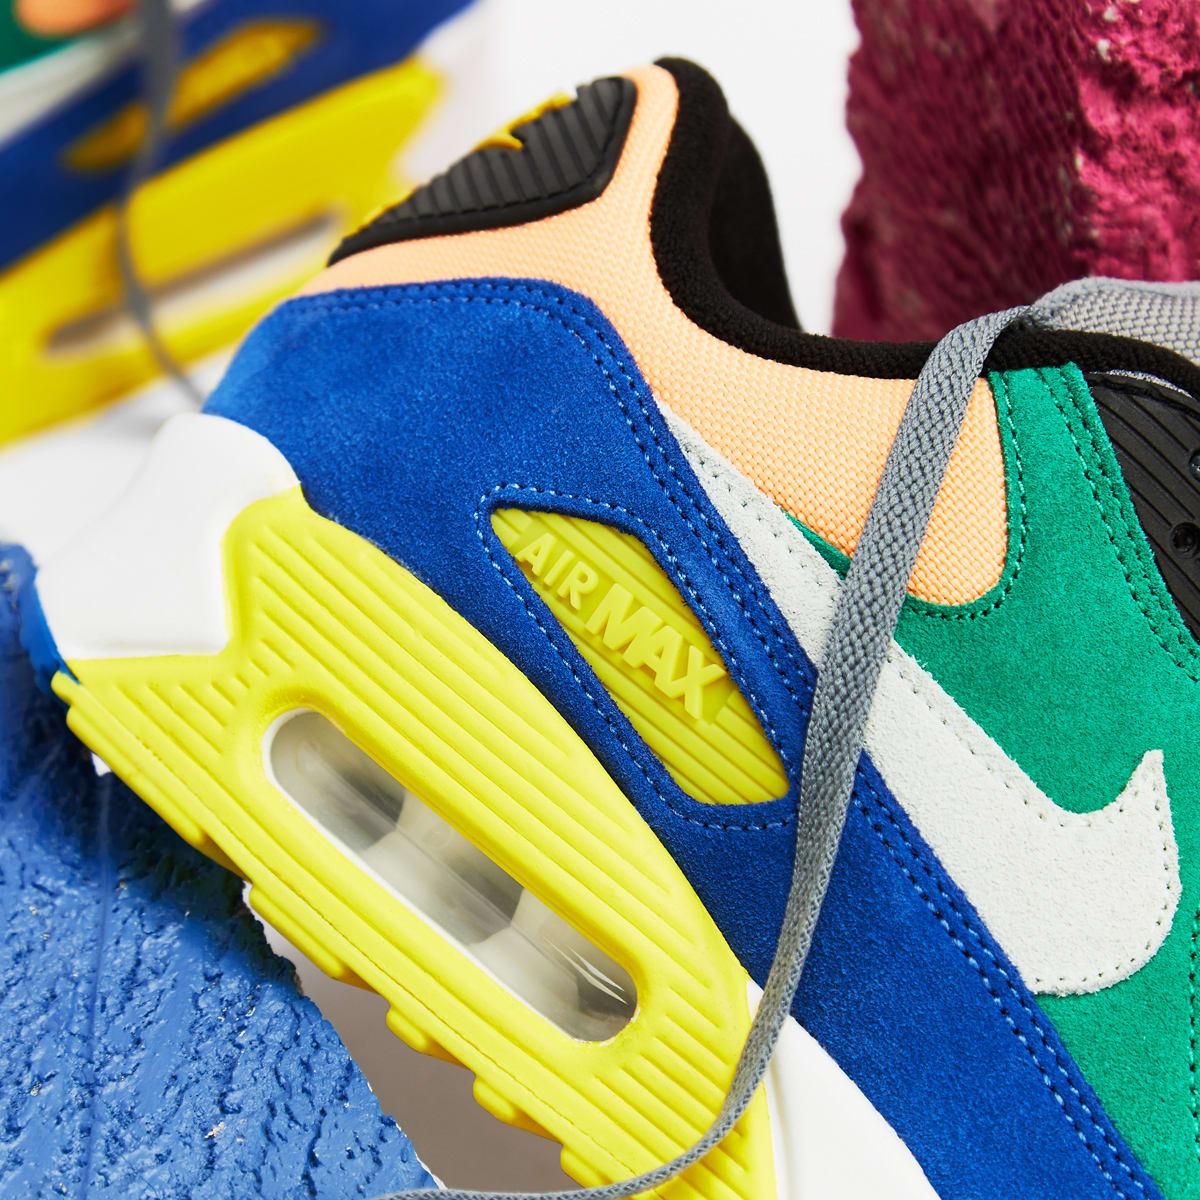 END. Features | Nike Air Max 90 QS 'Viotech 2.0' Register